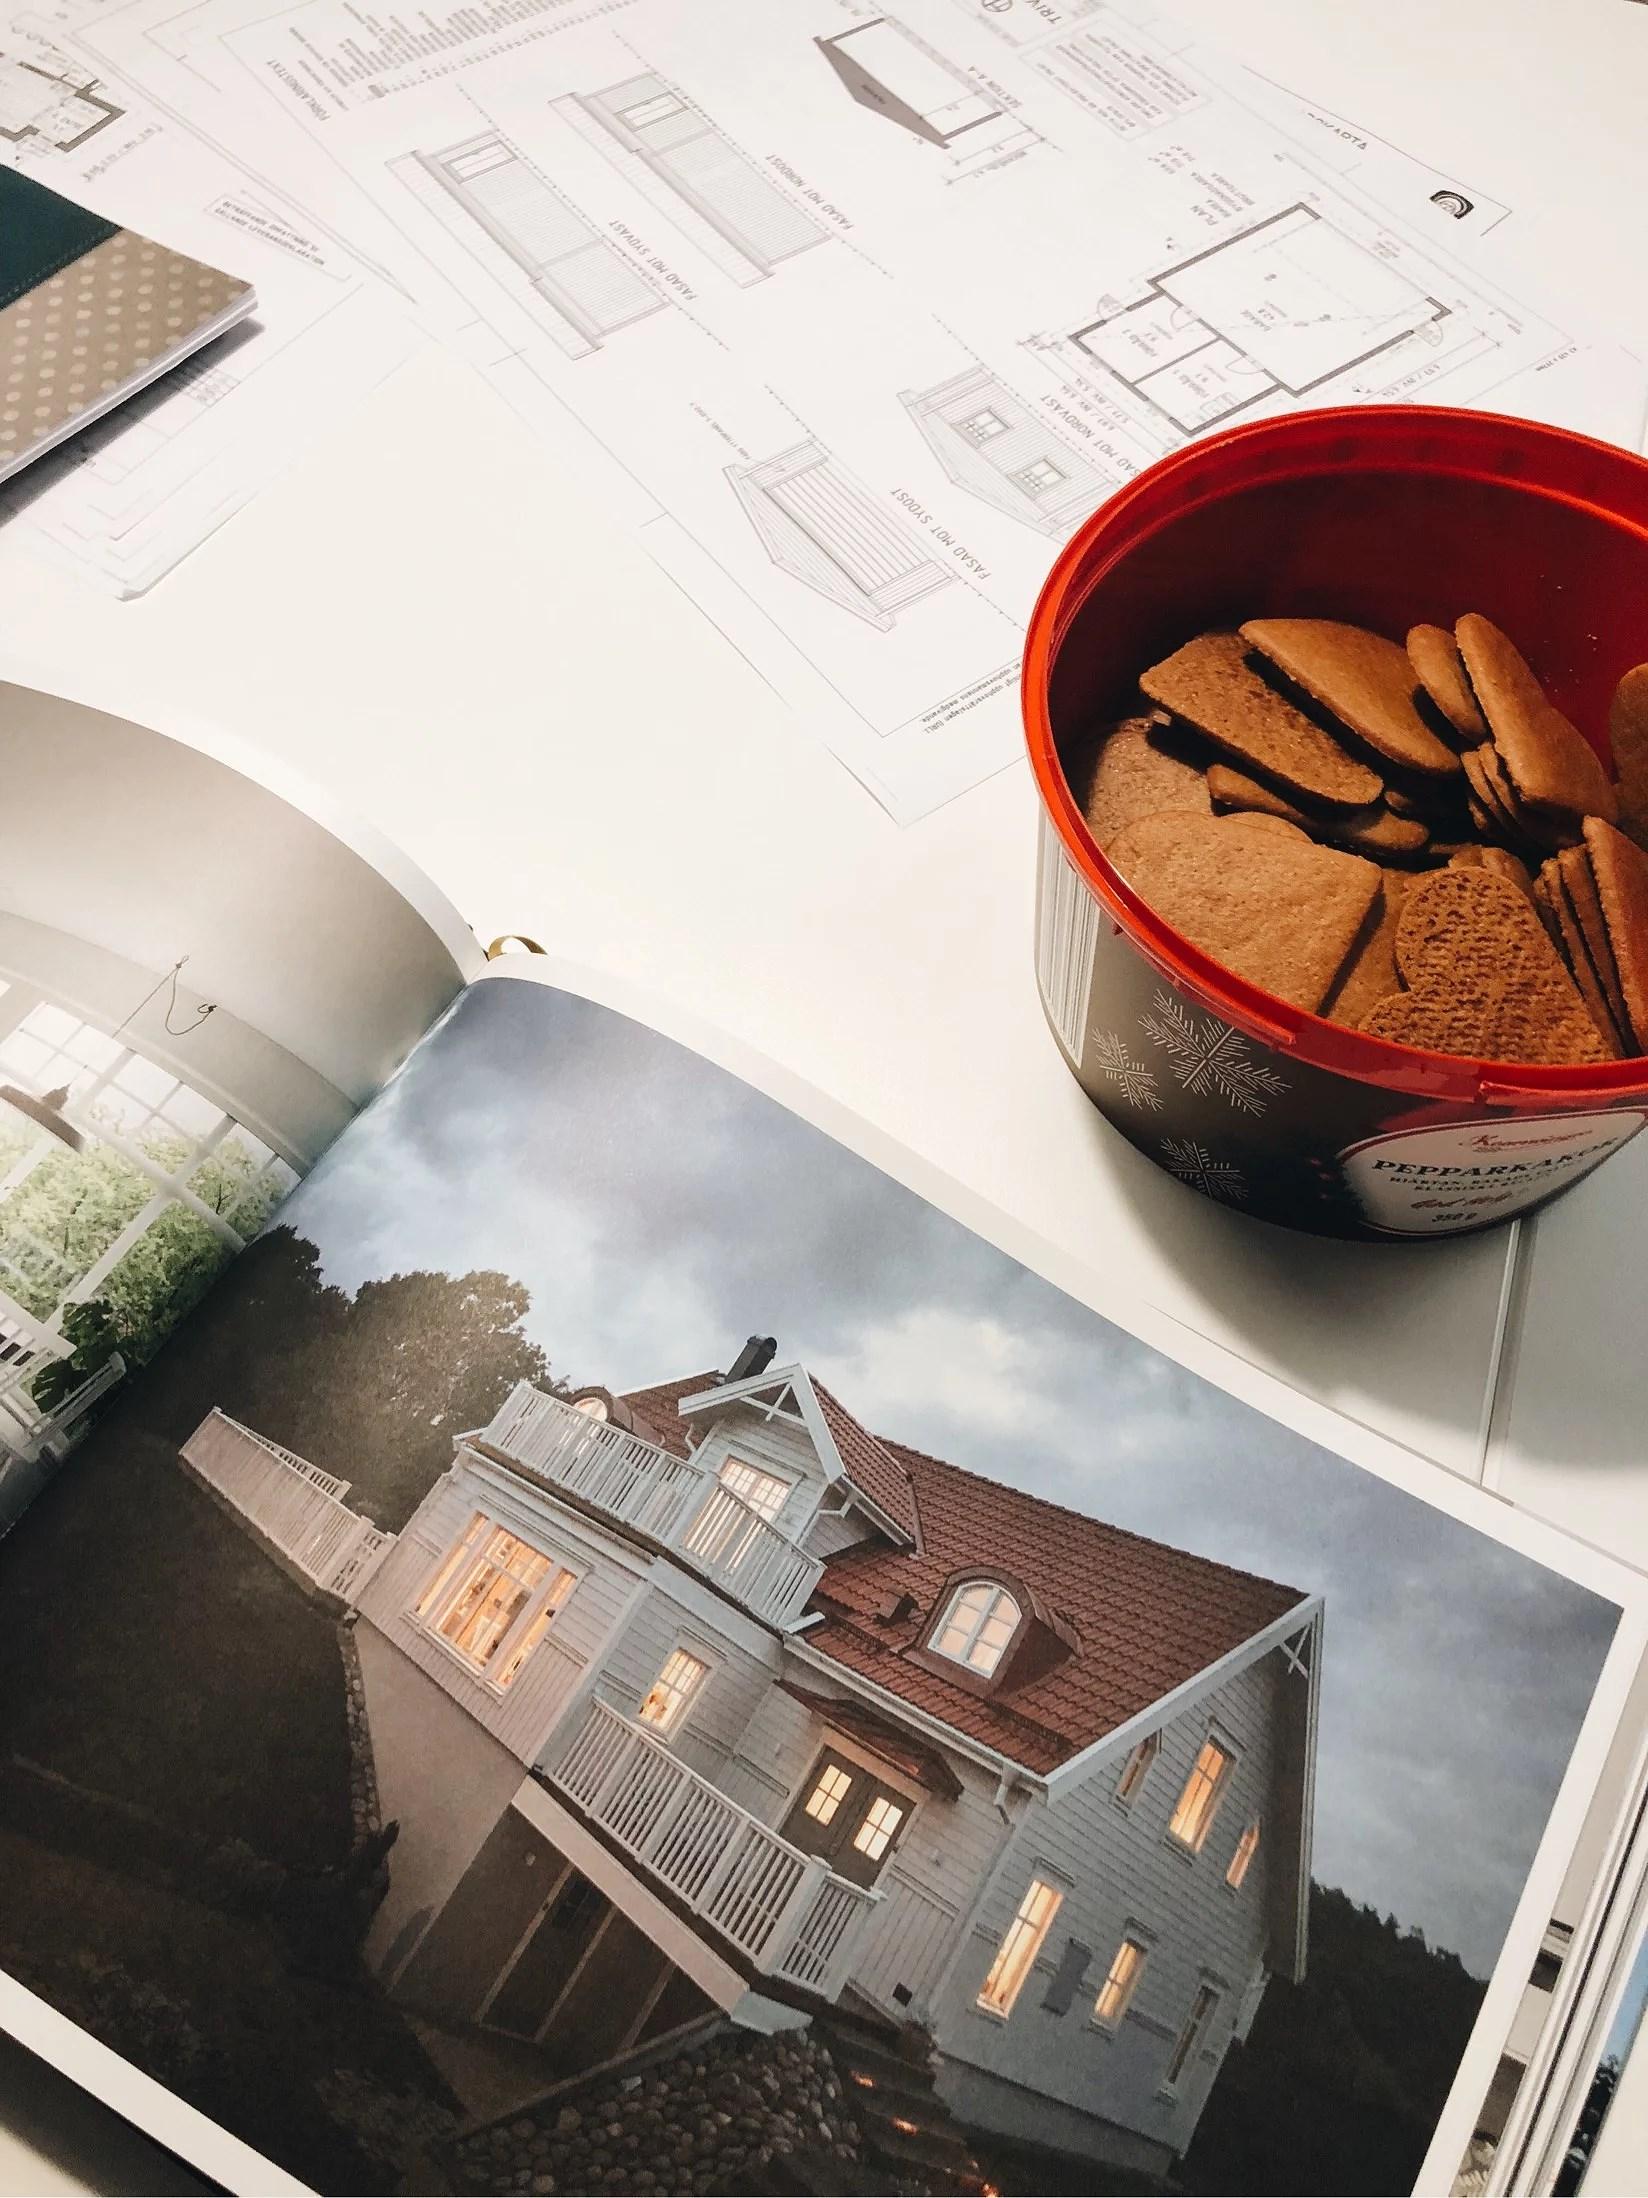 Planeringsmöte angående husbygget